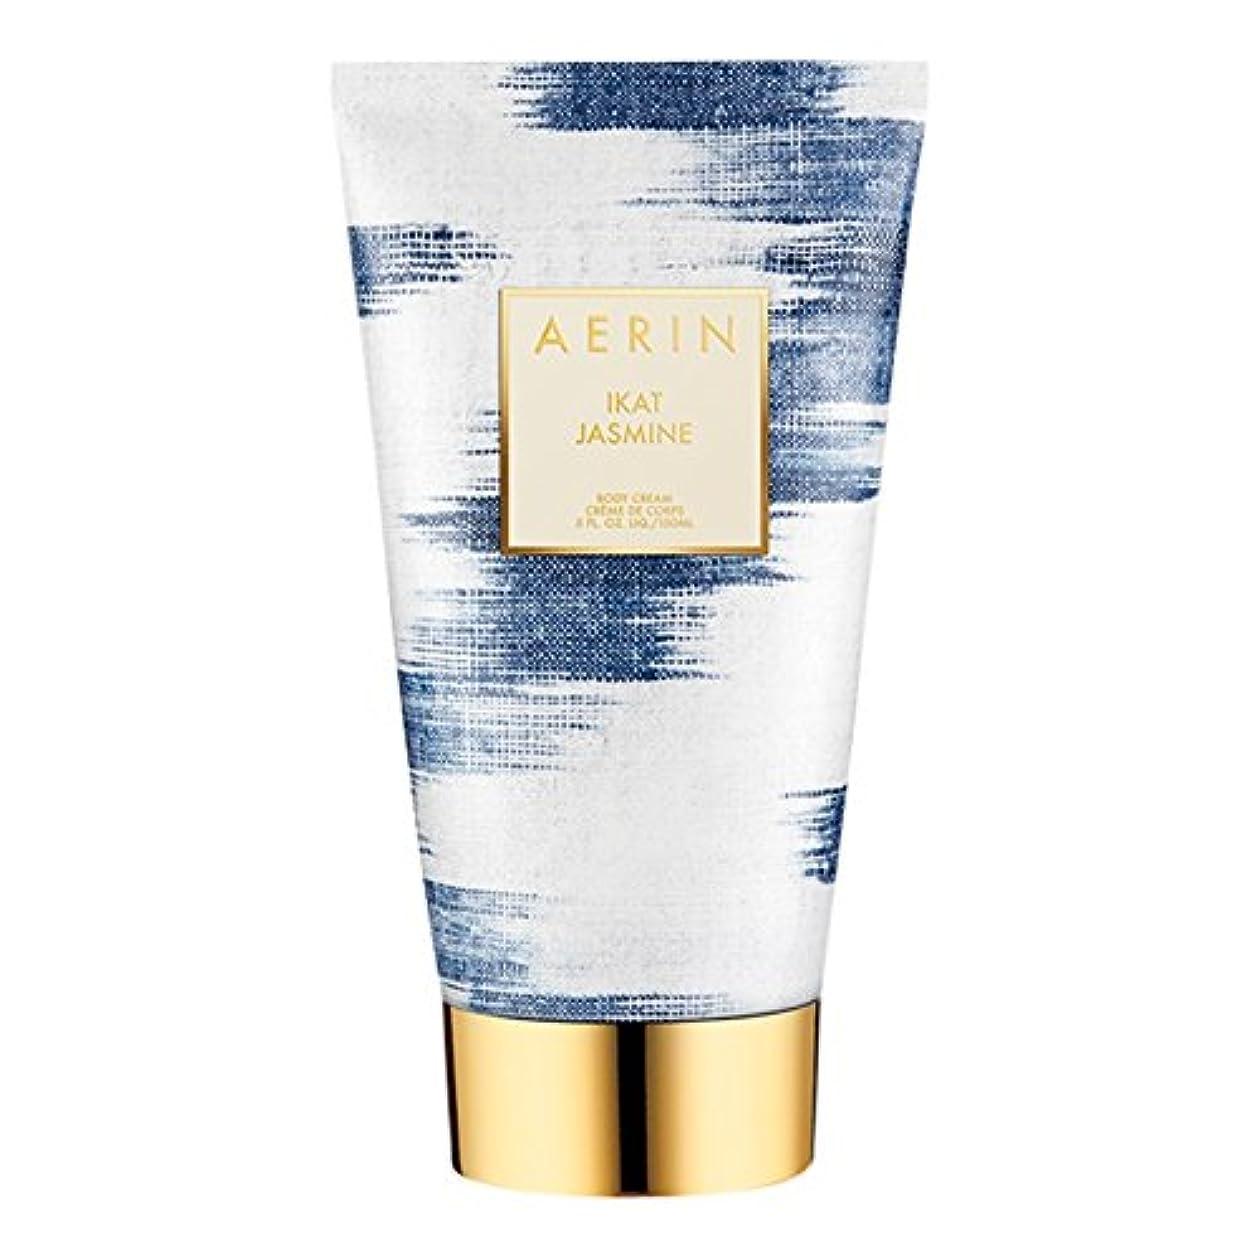 遺体安置所校長レギュラーAerinイカットジャスミンボディクリーム150ミリリットル (AERIN) (x6) - AERIN Ikat Jasmine Body Cream 150ml (Pack of 6) [並行輸入品]